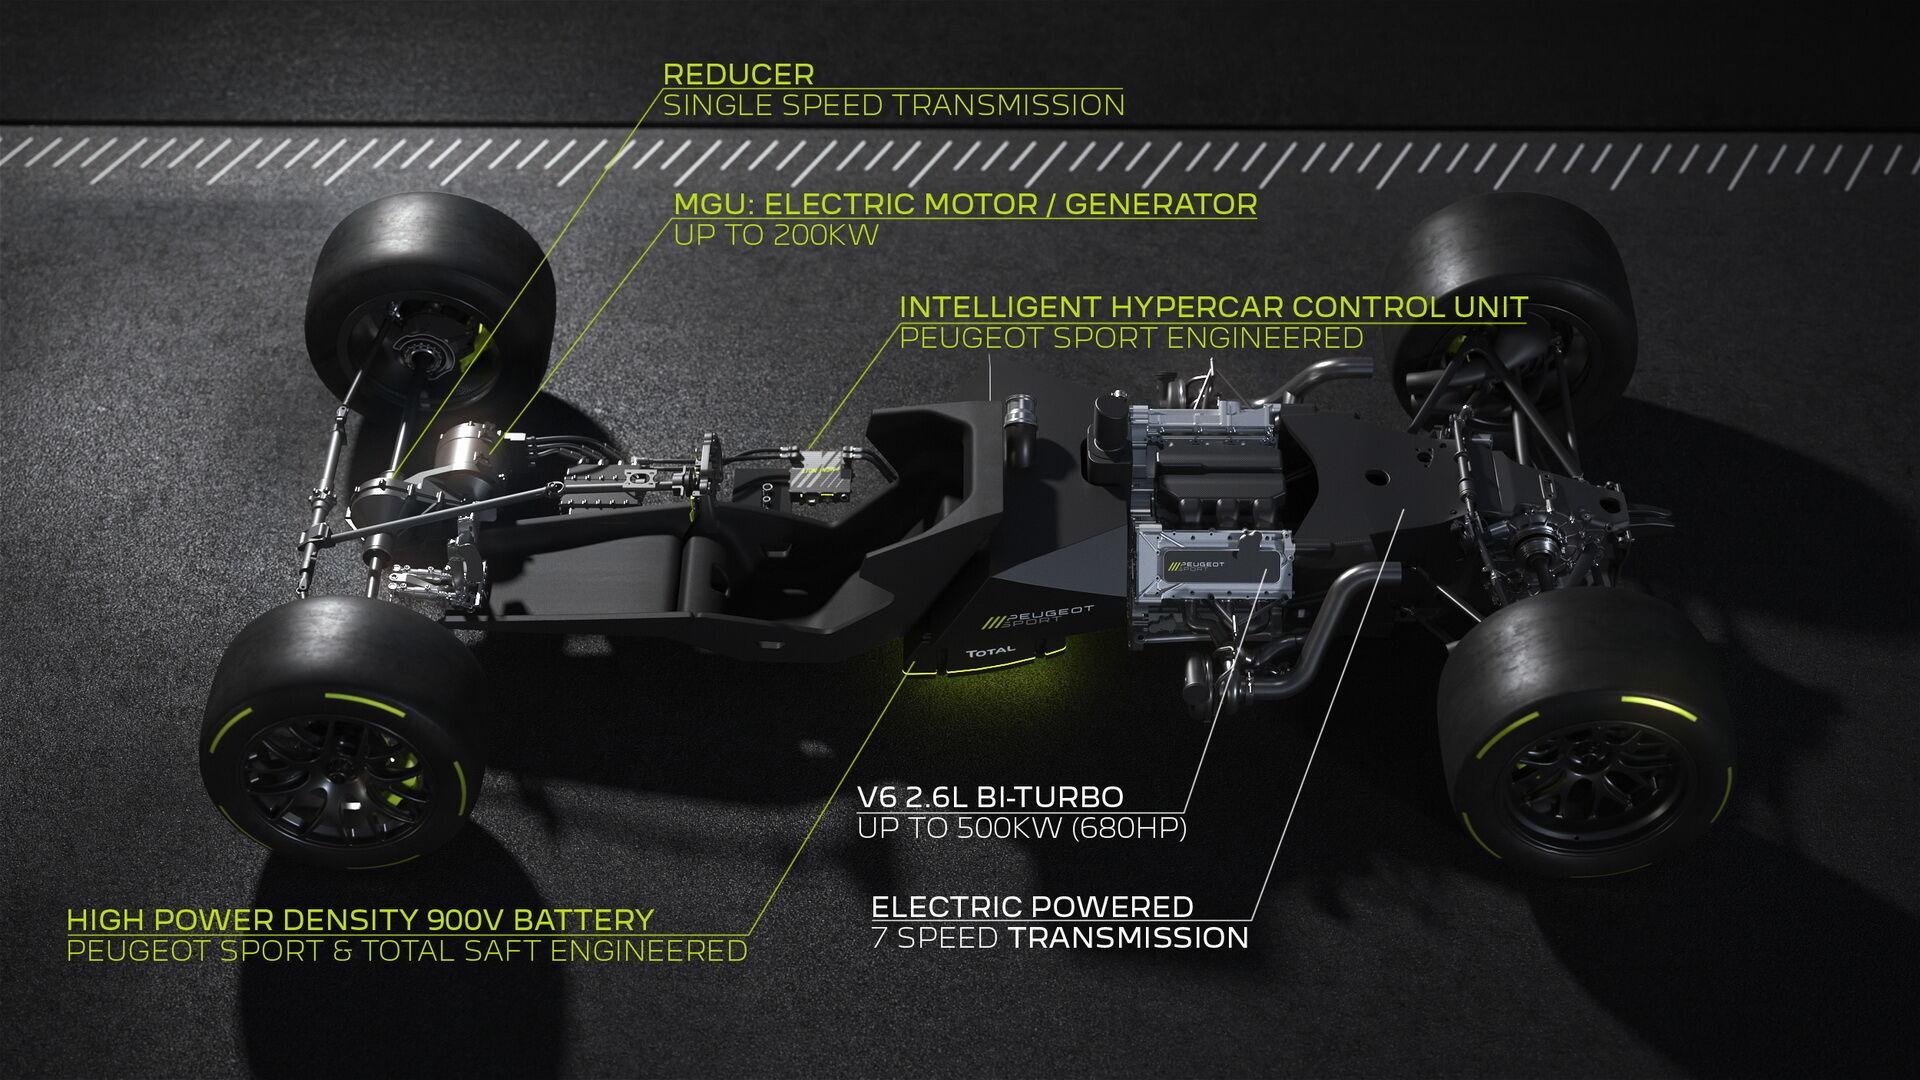 Гибридный силовой агрегат включает в свой состав ДВС, электромотор, 7-ступенчатую КП и аккумуляторную батарею